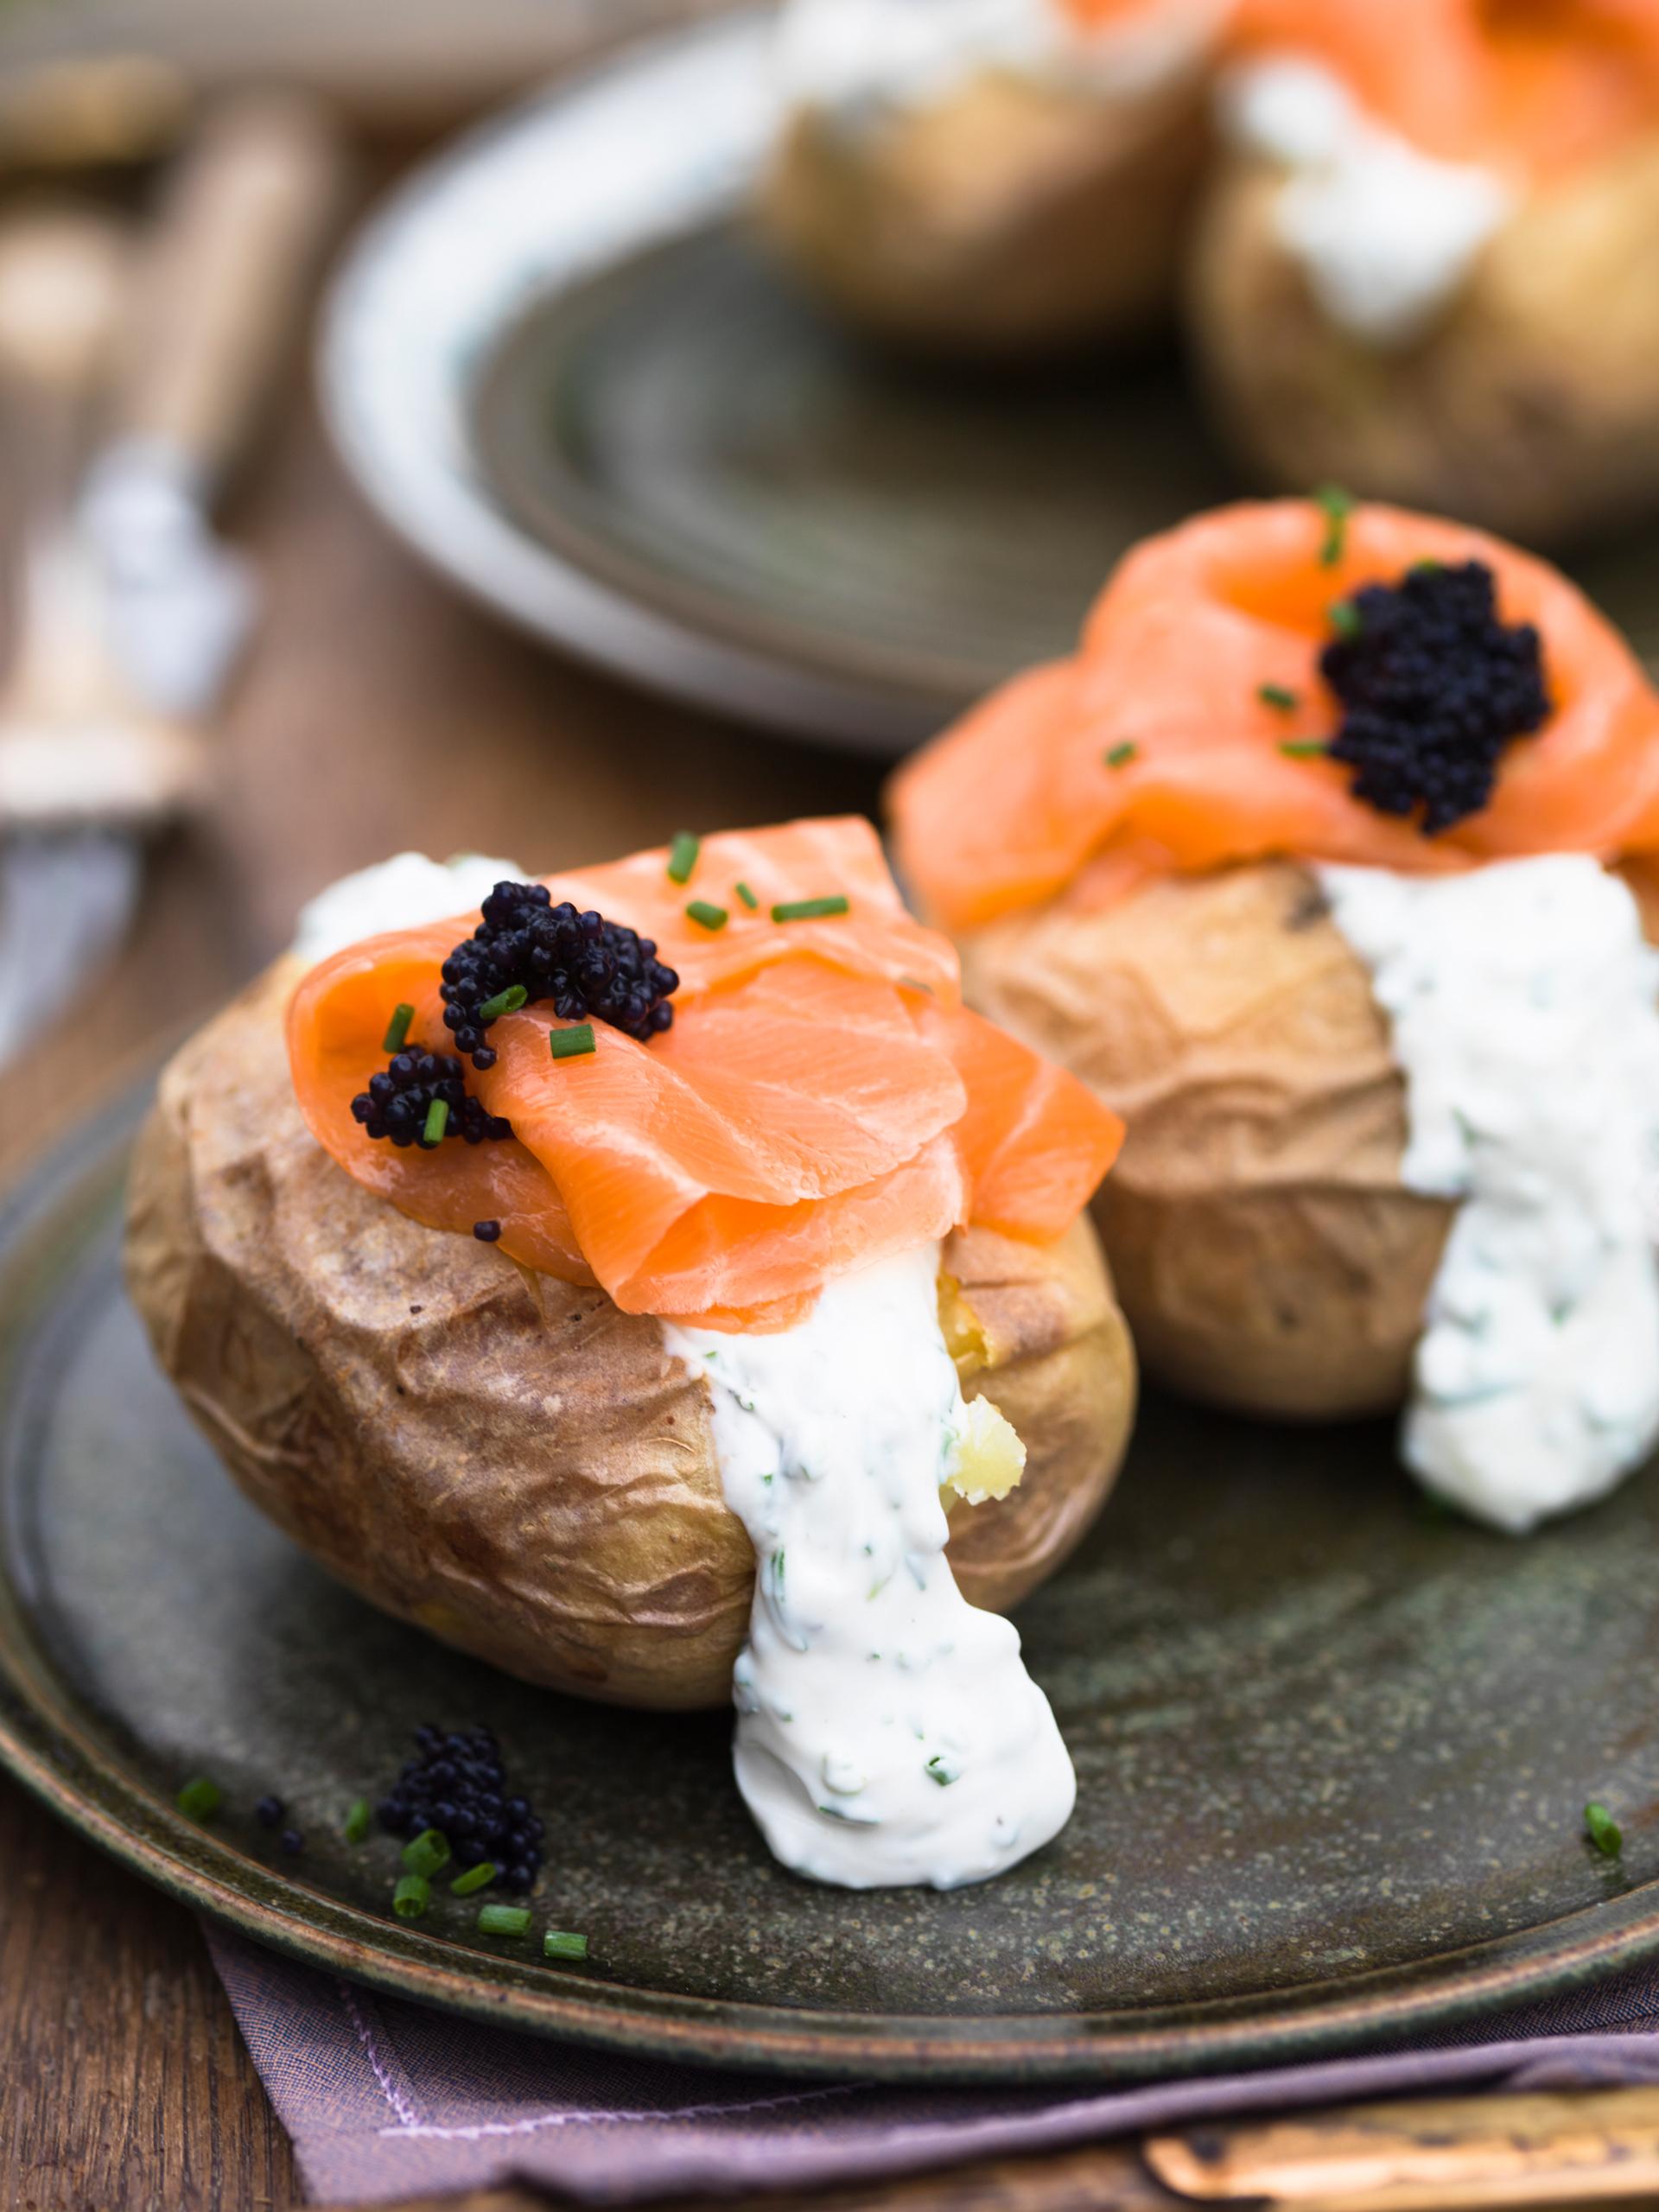 Ofenkartoffeln mit Crème fraîche, Lachs und Kaviar